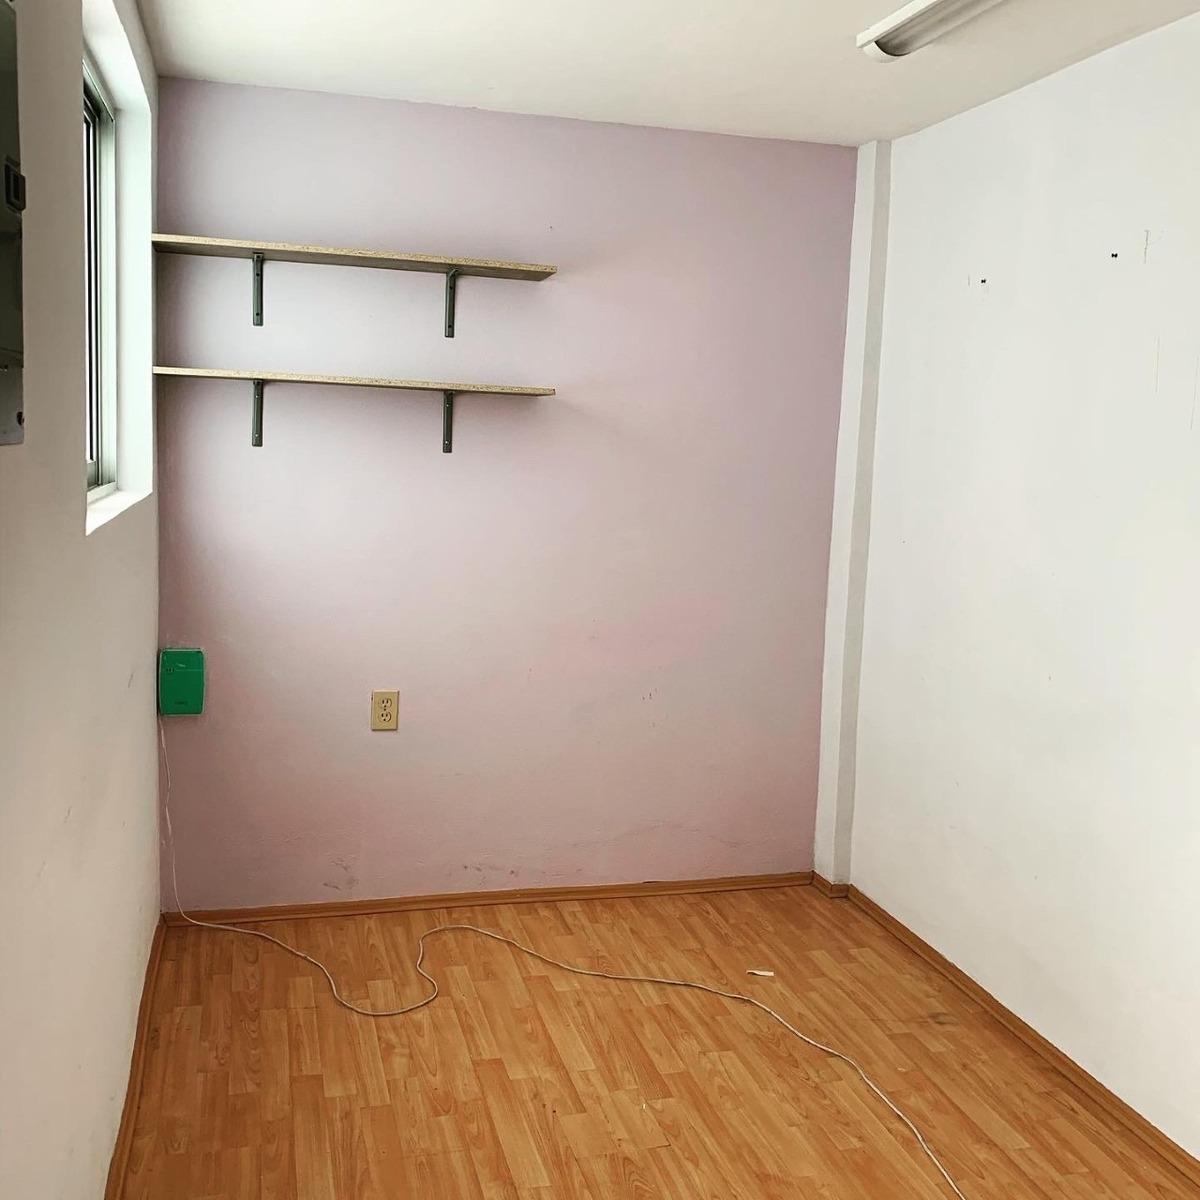 cdmx - local en segundo piso -  lomas de chapultepec czpr